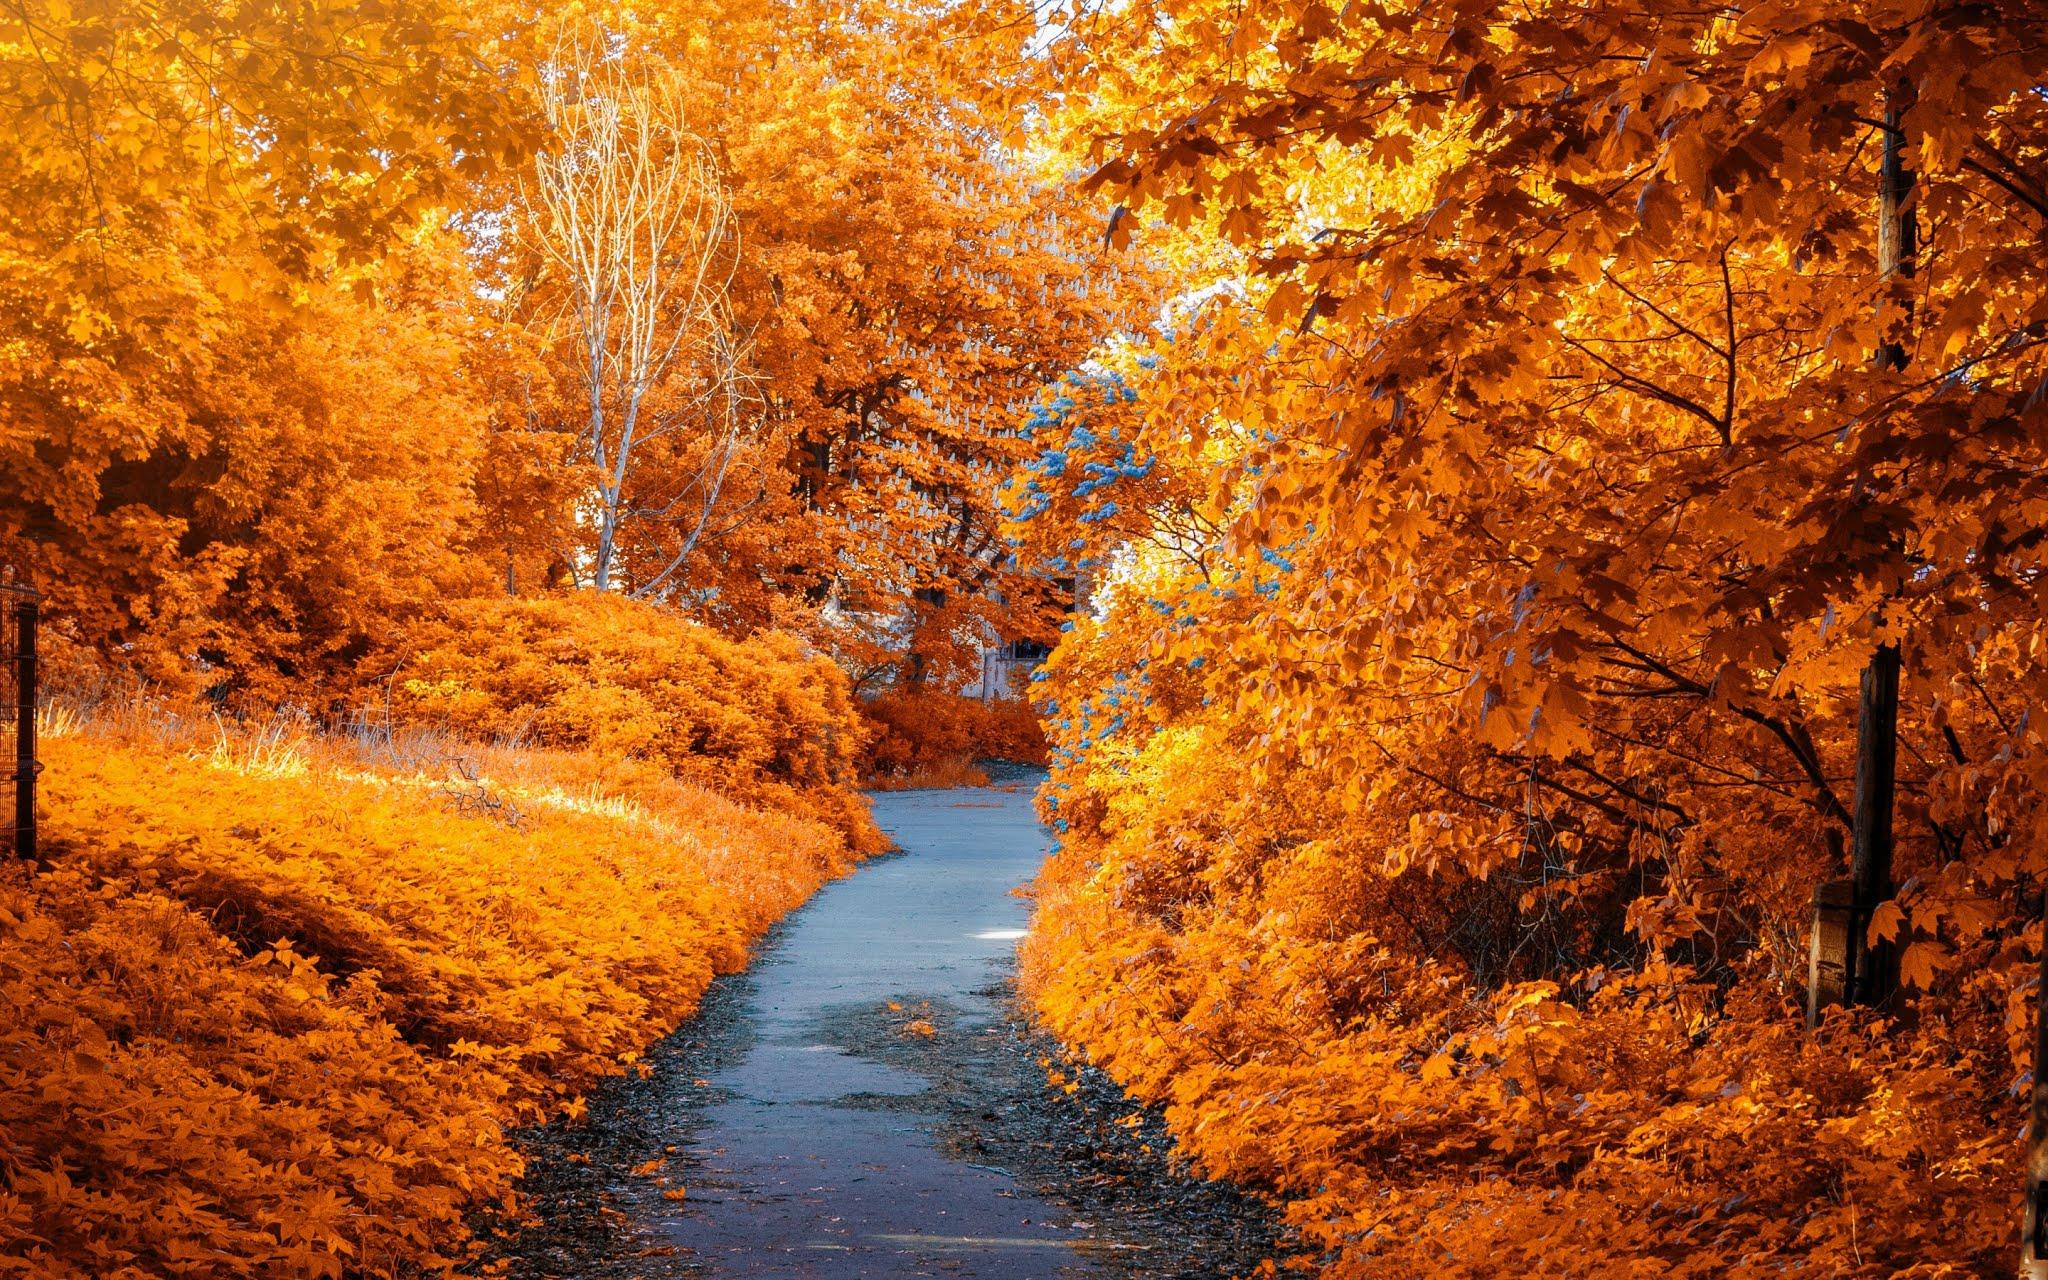 Paisagem Outono no Parque